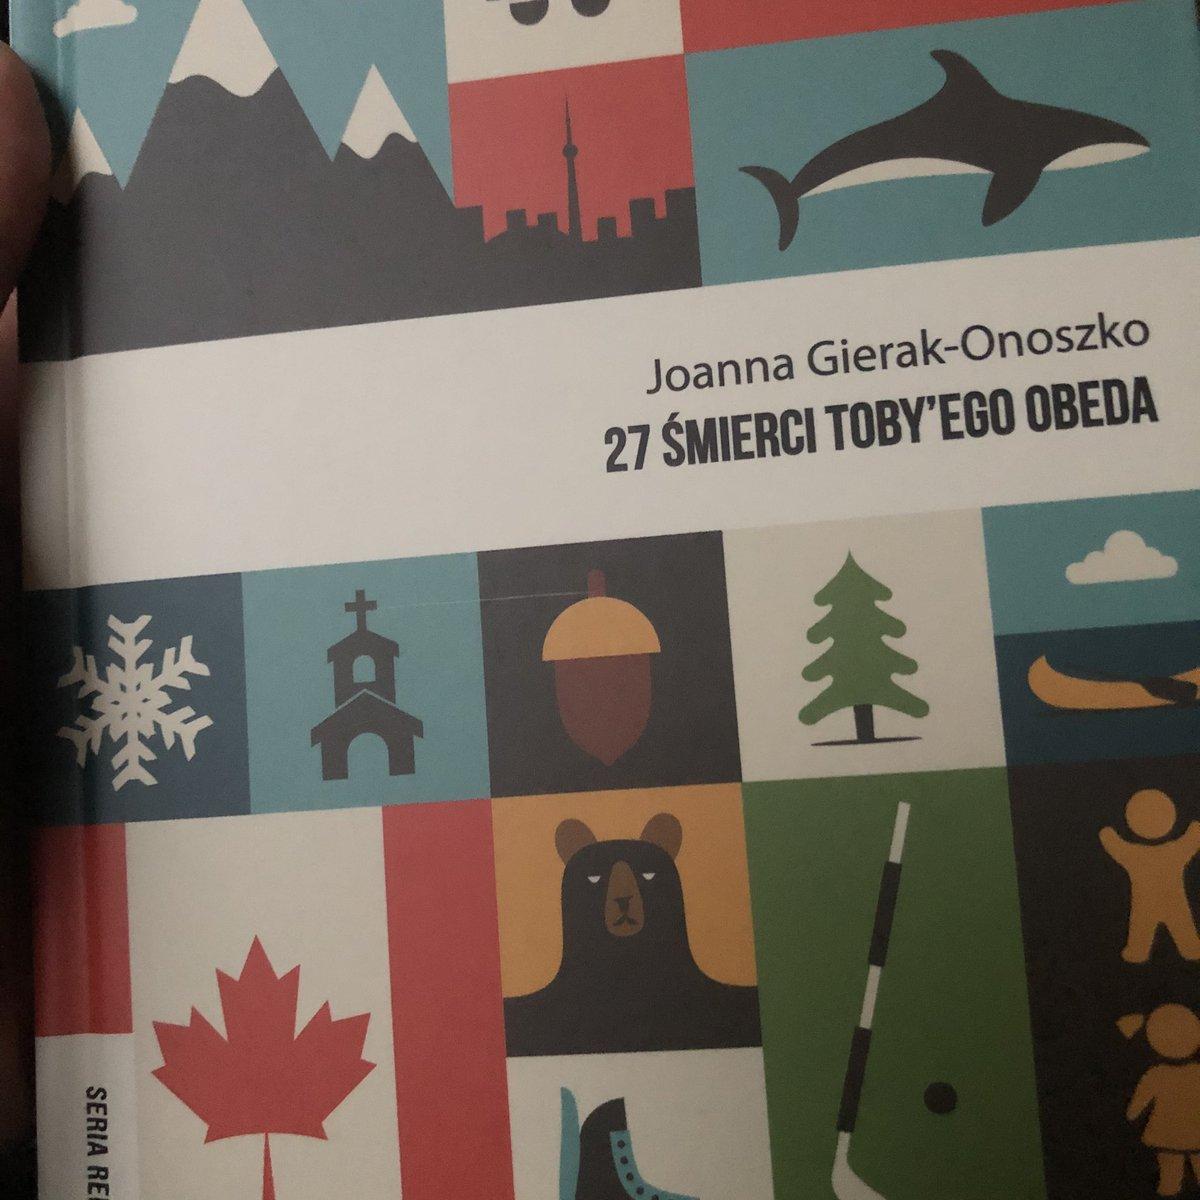 Nominacja do #nike2020. Wstrząsający reportaż o potomkach Pierwszych Narodów Kanady, o maltretowaniu, gwałtach, mordowaniu, odbieraniu i niszczeniu tożsamości... Kanada w niespotykany, bo radykalny, na świecie sposób próbuje sobie radzić ze swoją przeszłością. https://t.co/6SWoS2CibM